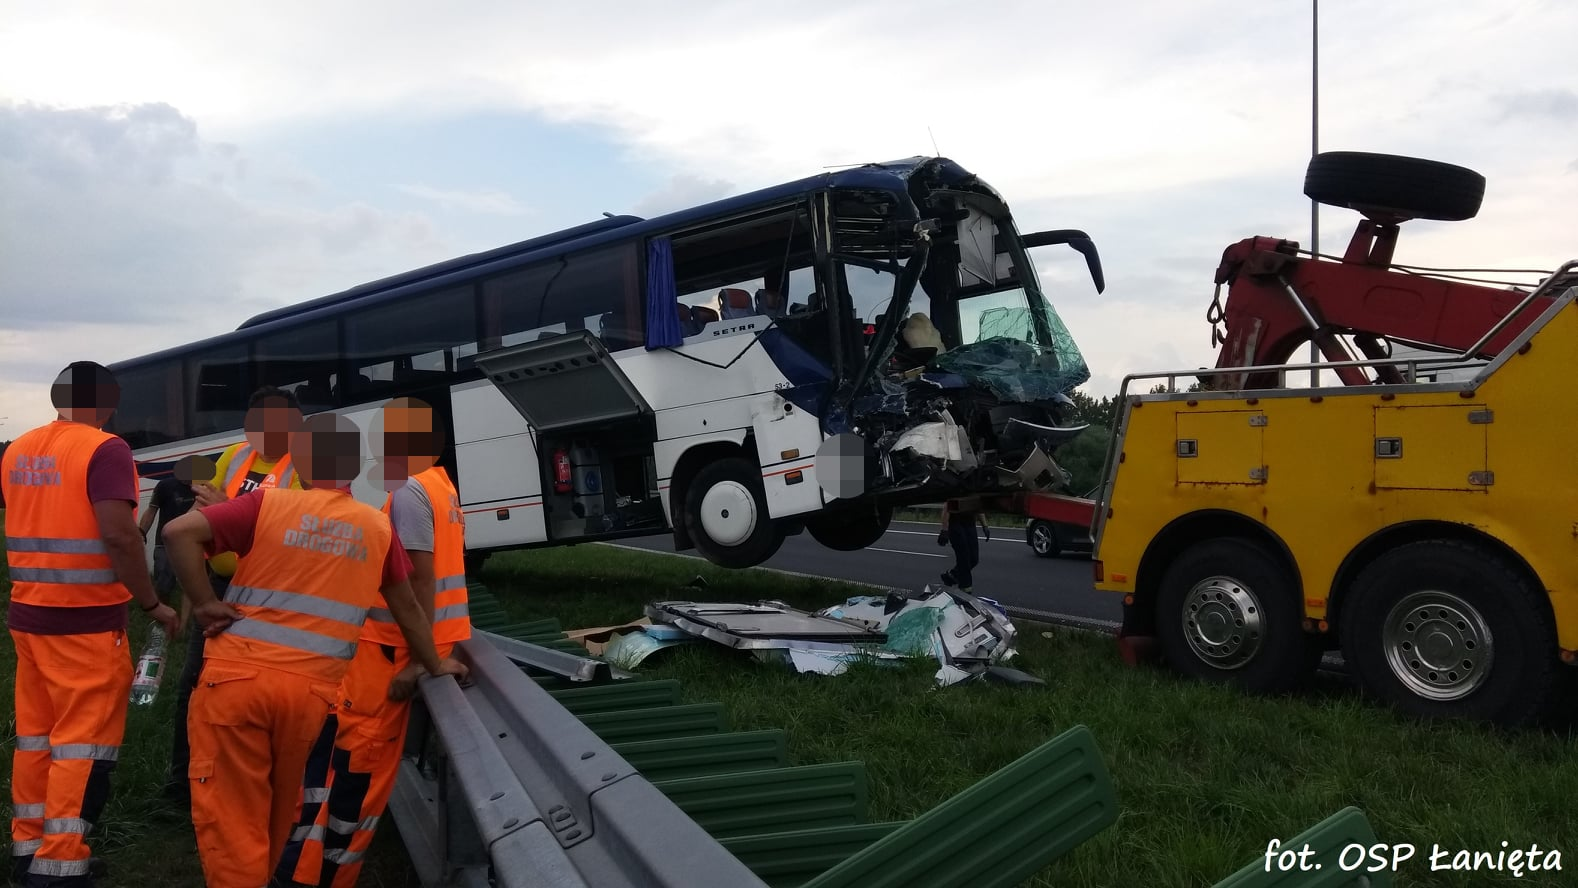 [ZDJĘCIA] Roztrzaskany autokar, rannych kilkanaście osób: w jakim są stanie? Mamy komentarz policji - Zdjęcie główne